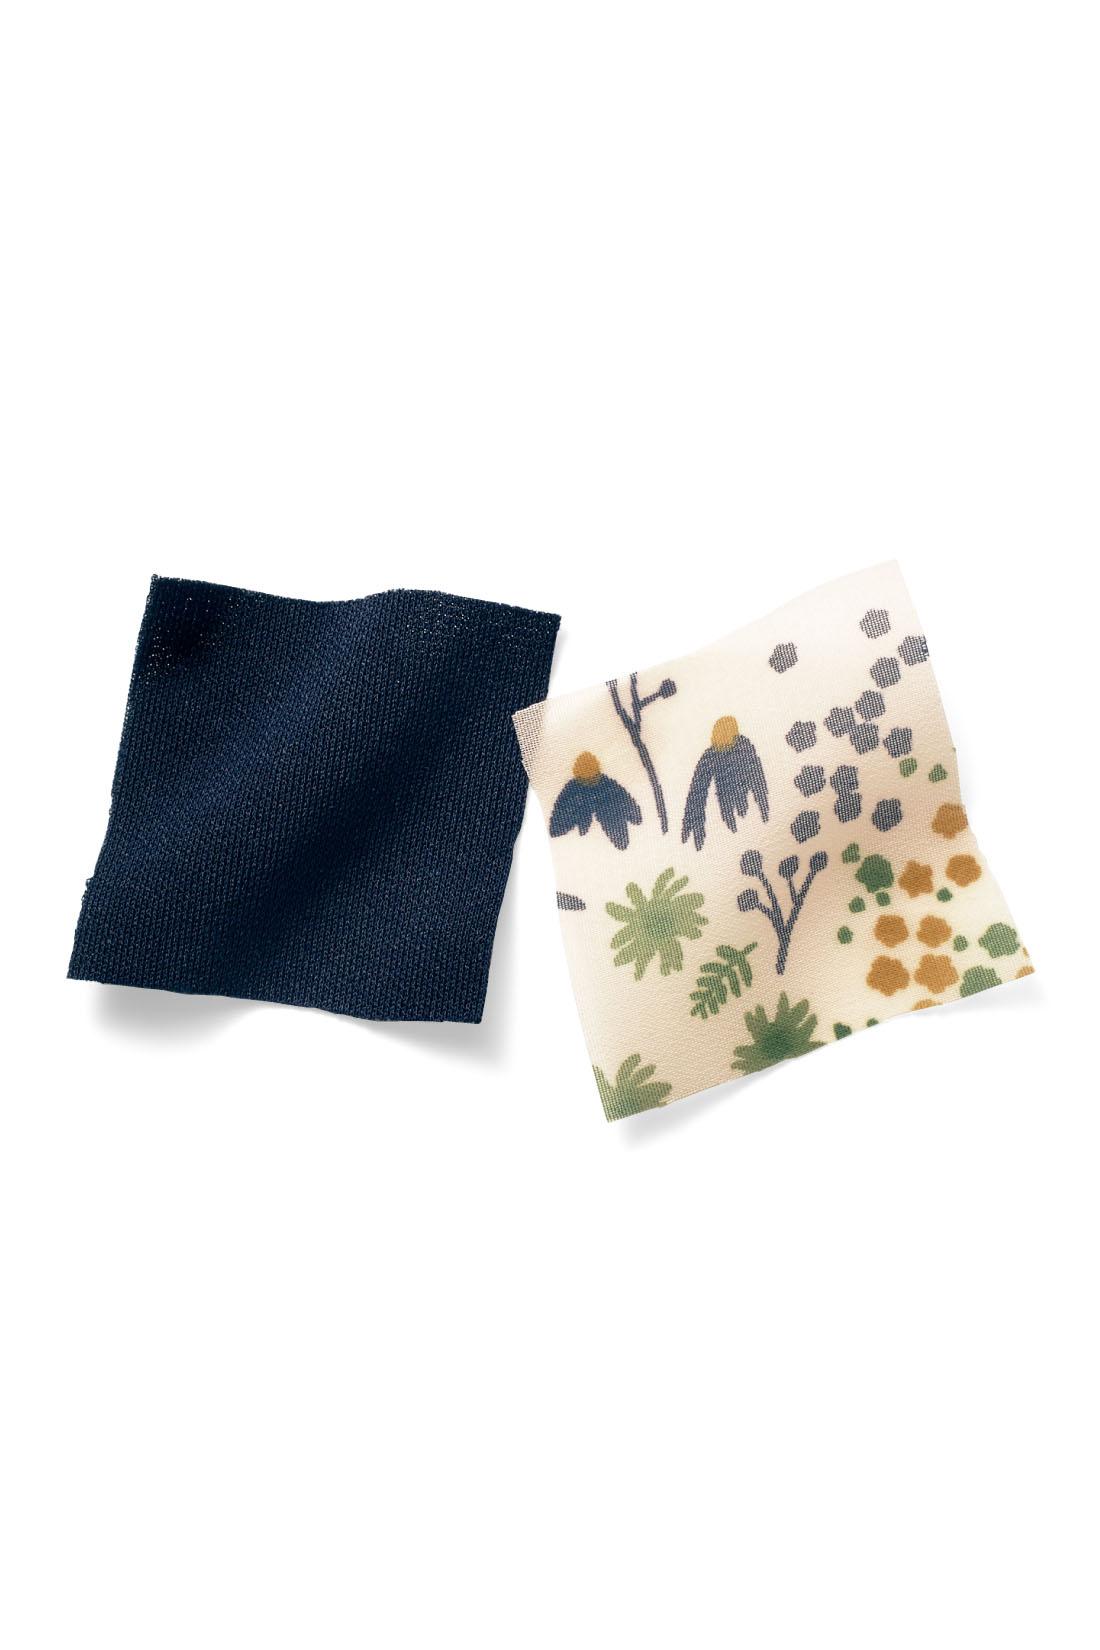 デイリーにもフォーマルにもうれしいPOINT 袖口からちらりと見える花柄シフォンがさりげないポイント。わきが見えない工夫も。